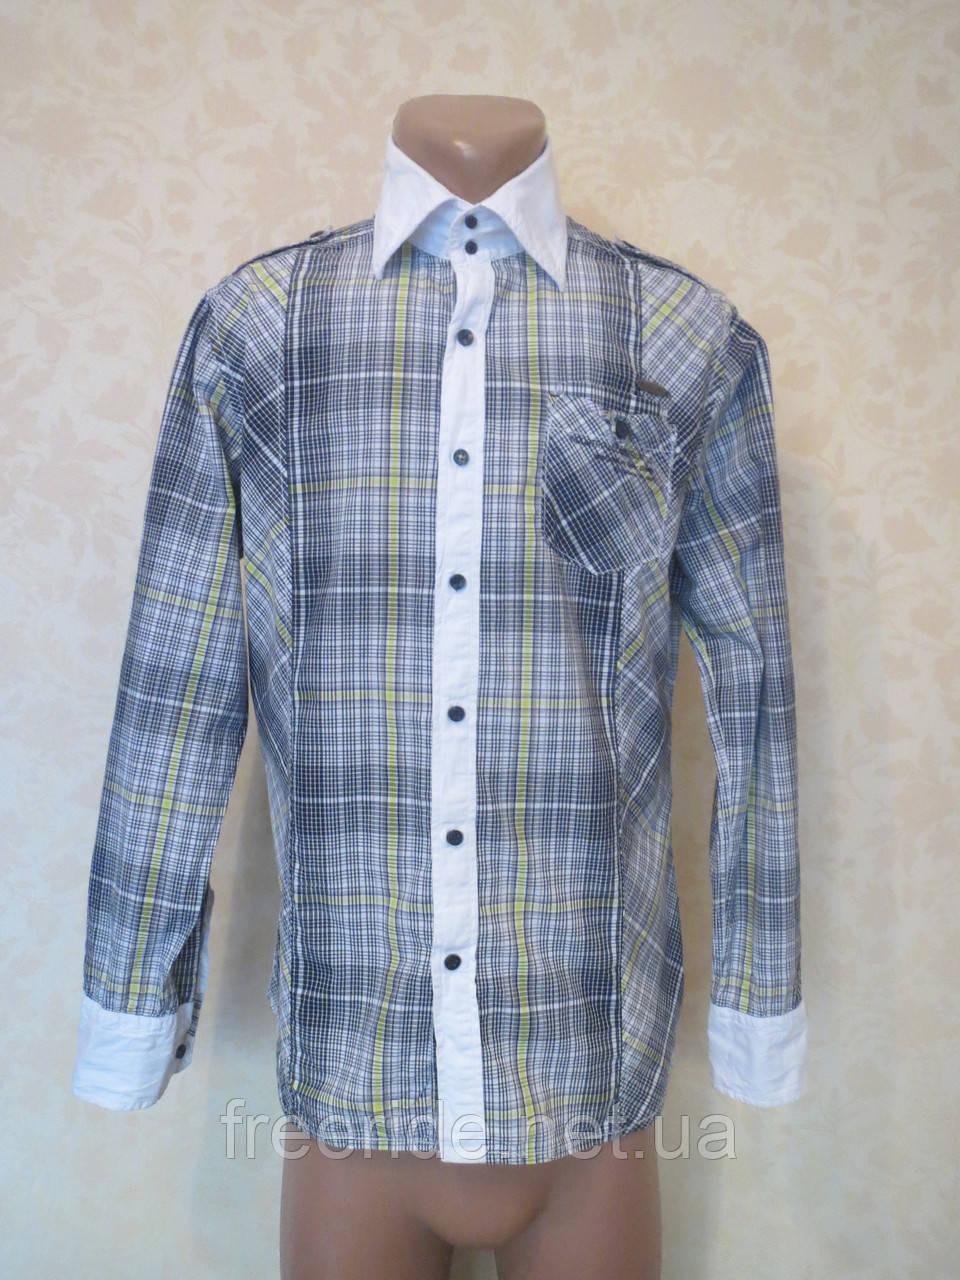 Фірмова стильна сорочка Black Label (L)